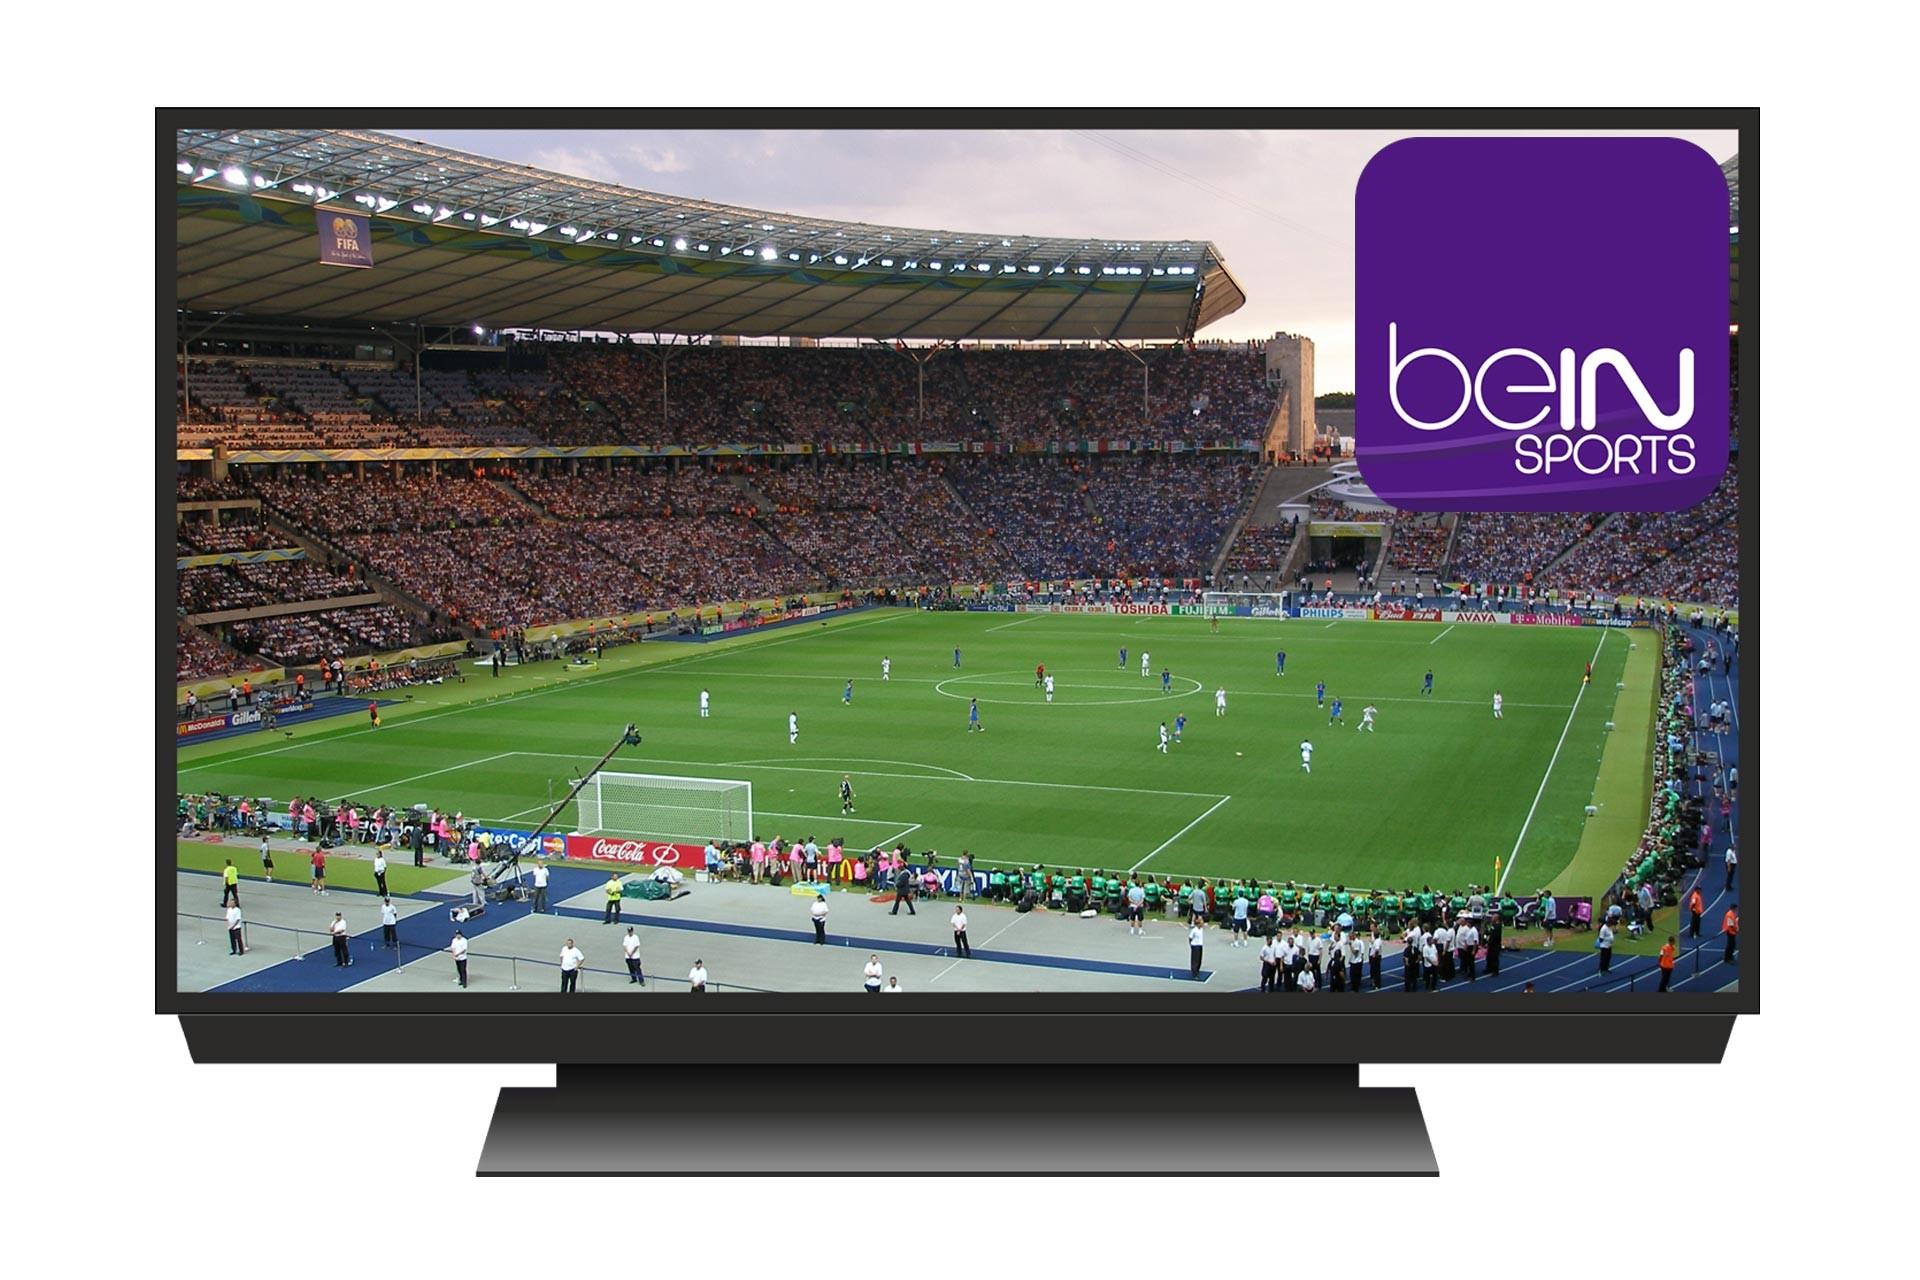 Süper Lig'de 2019-20 sezonu beIN Sports'ta | Digiturk'ten IPTV'ye savaş ilanı